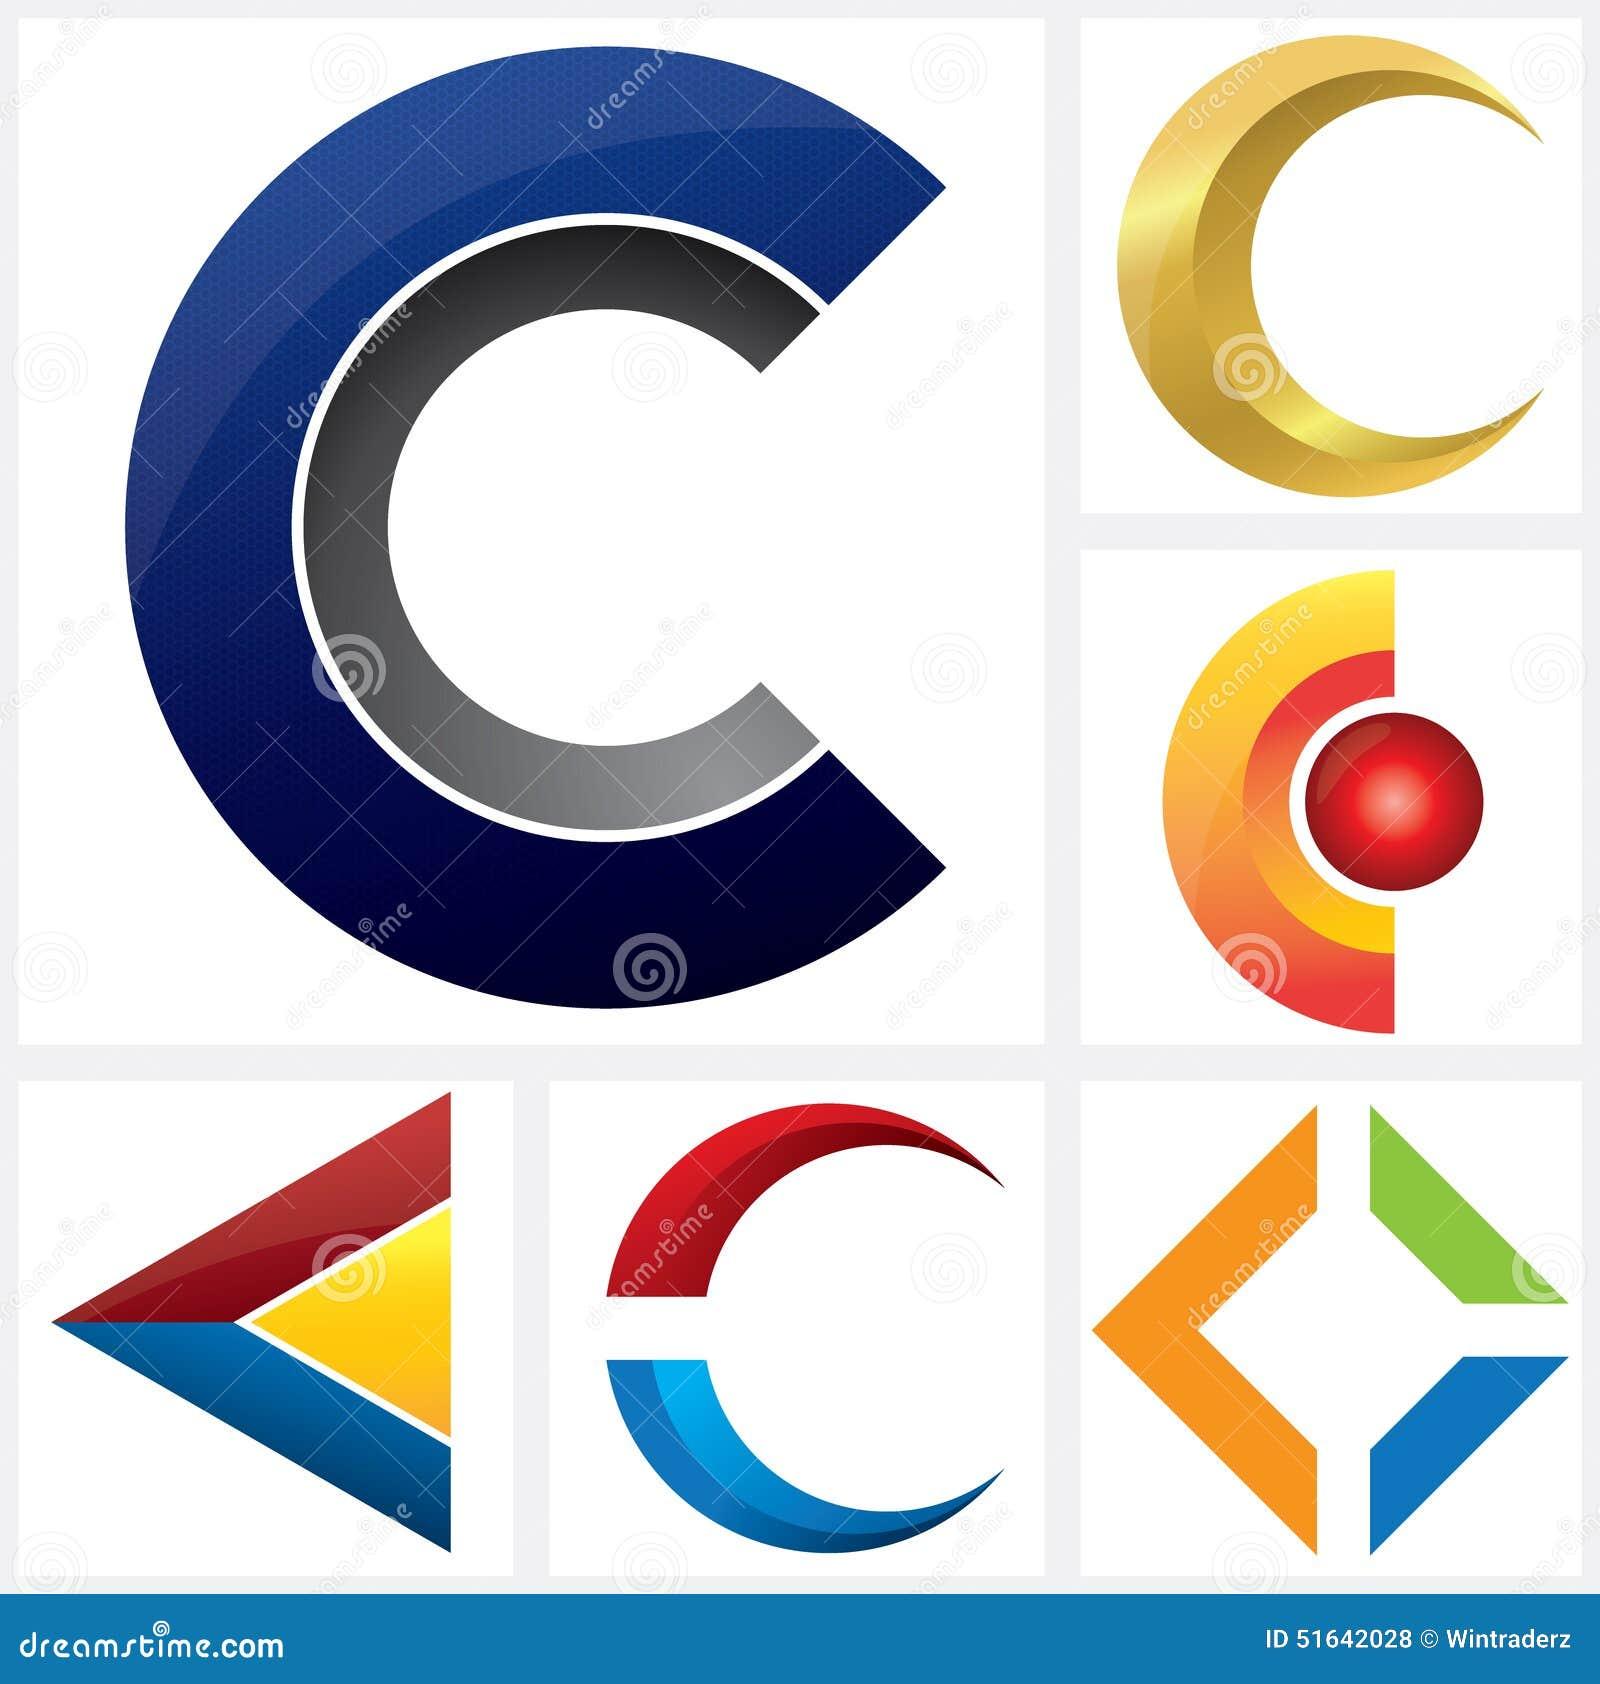 letter a alphabetical logo template stock vector image 51300267 letter c alphabetical logo template royalty stock photos